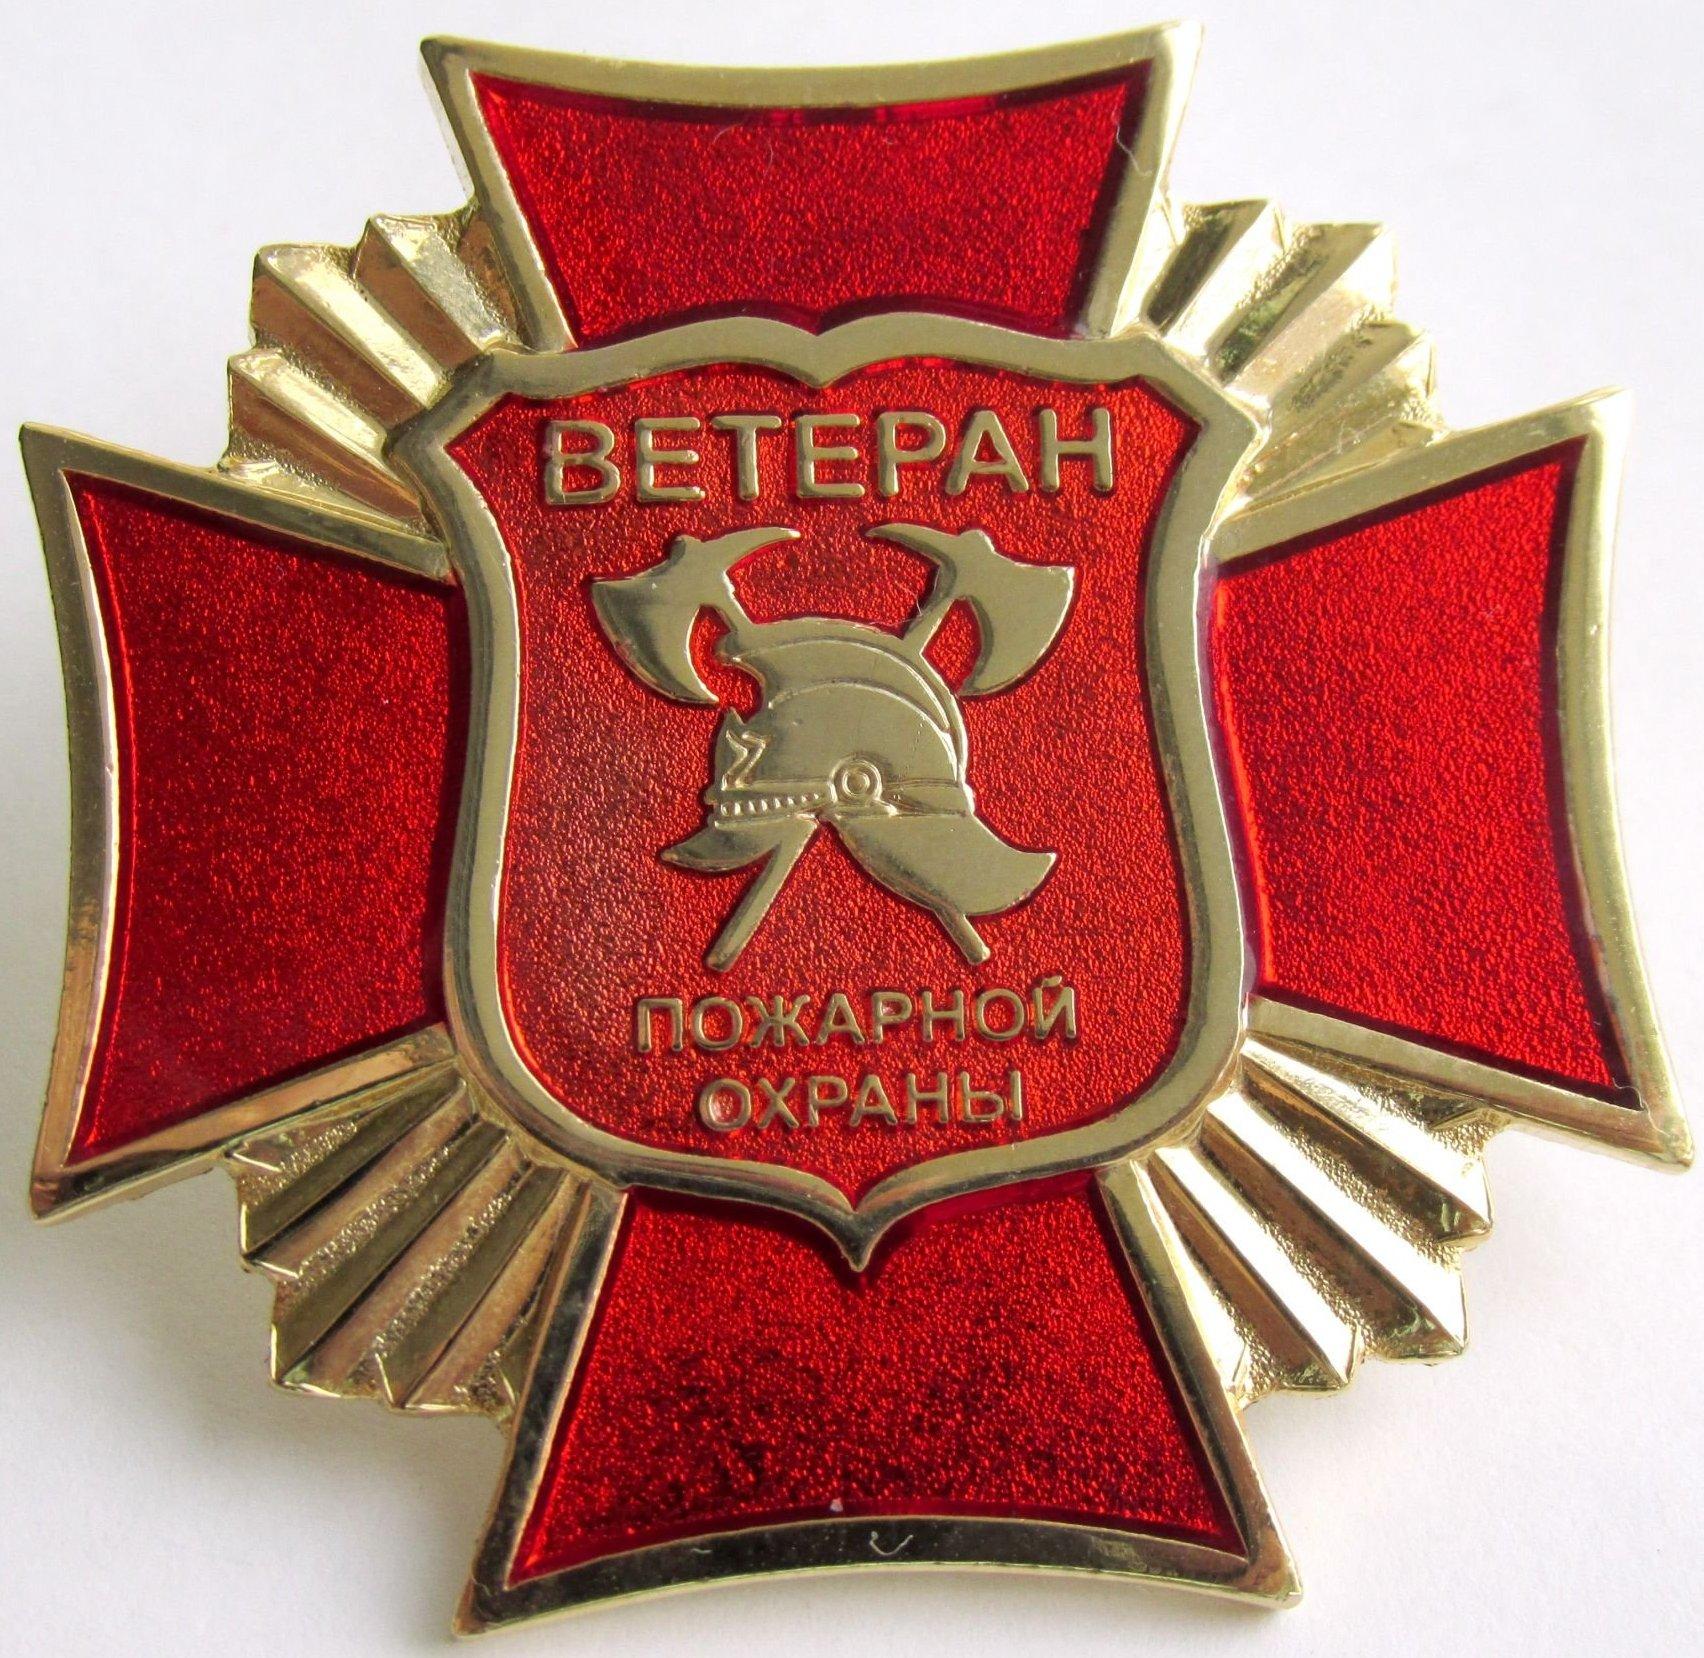 Ветераны пожарной охраны поздравление